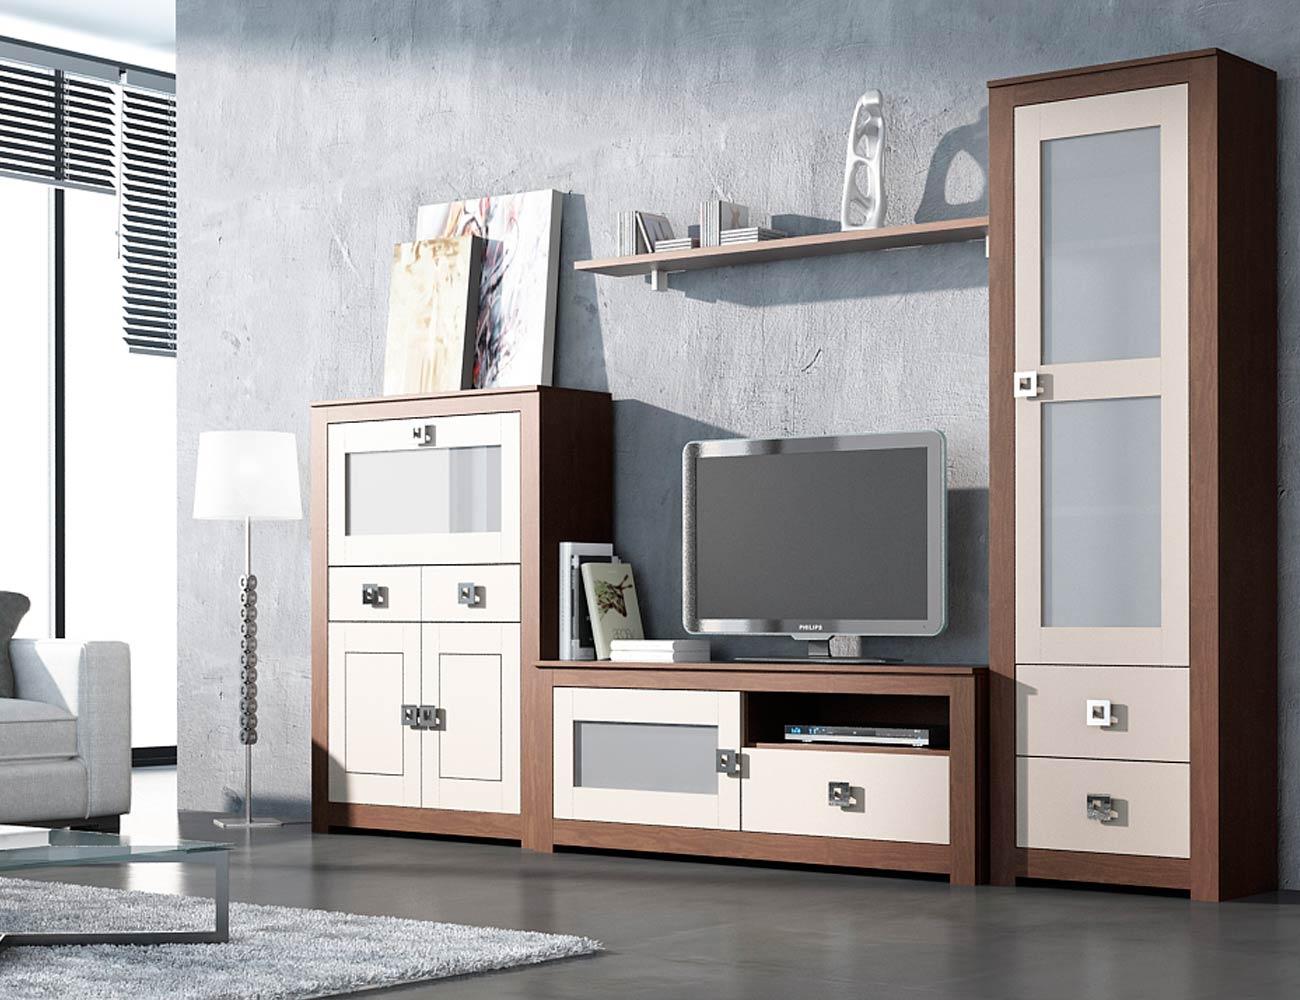 2 mueble salon modular nogal piedra madera dm1